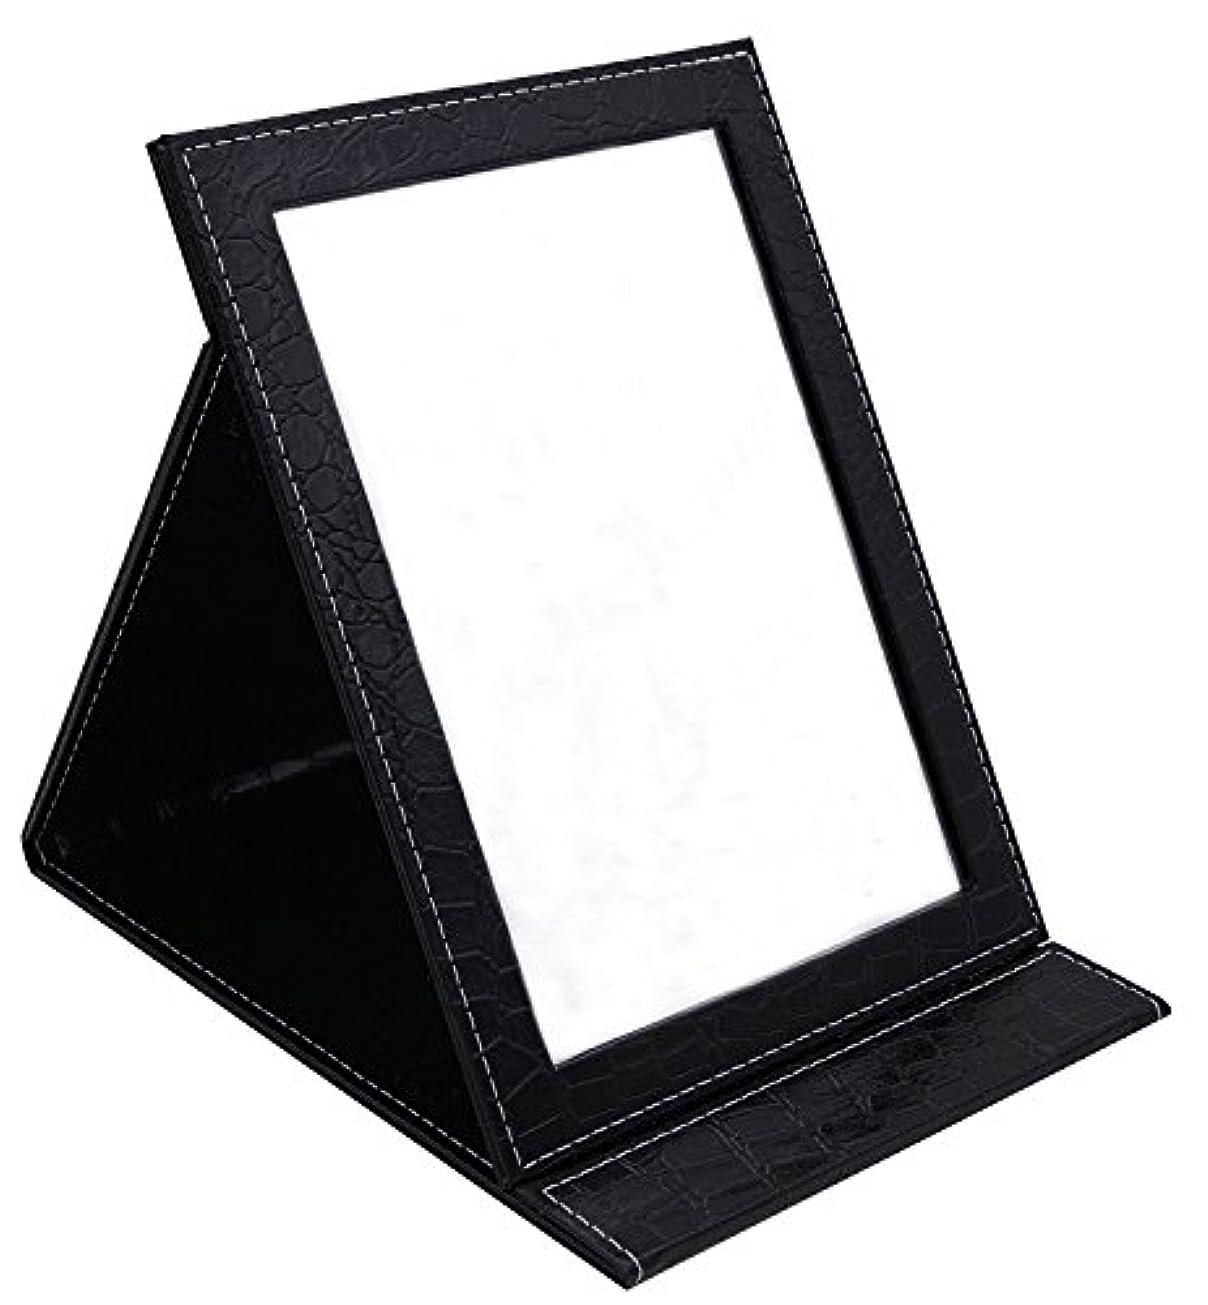 拡声器アスリート松の木HAPPY CY 化粧鏡 折りたたみ式鏡 スタンドミラー 卓上スタンドミラー  携帯 鏡 クロコ柄 プレゼント  上質PUレザー使用